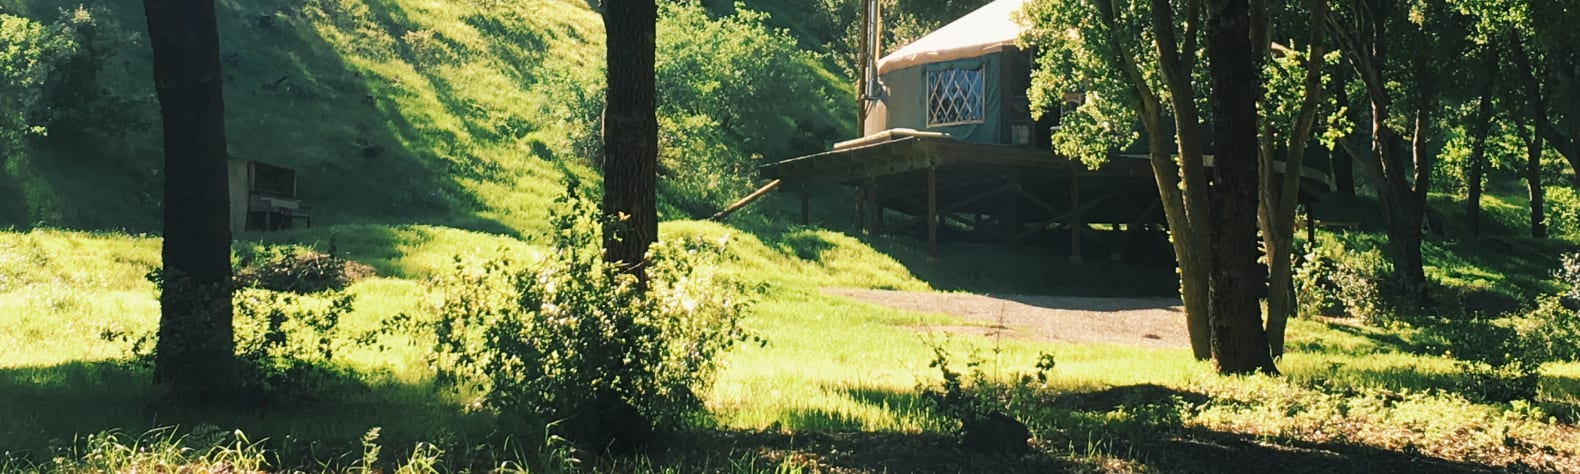 Glorious, private, nature retreat in Santa Barbara!